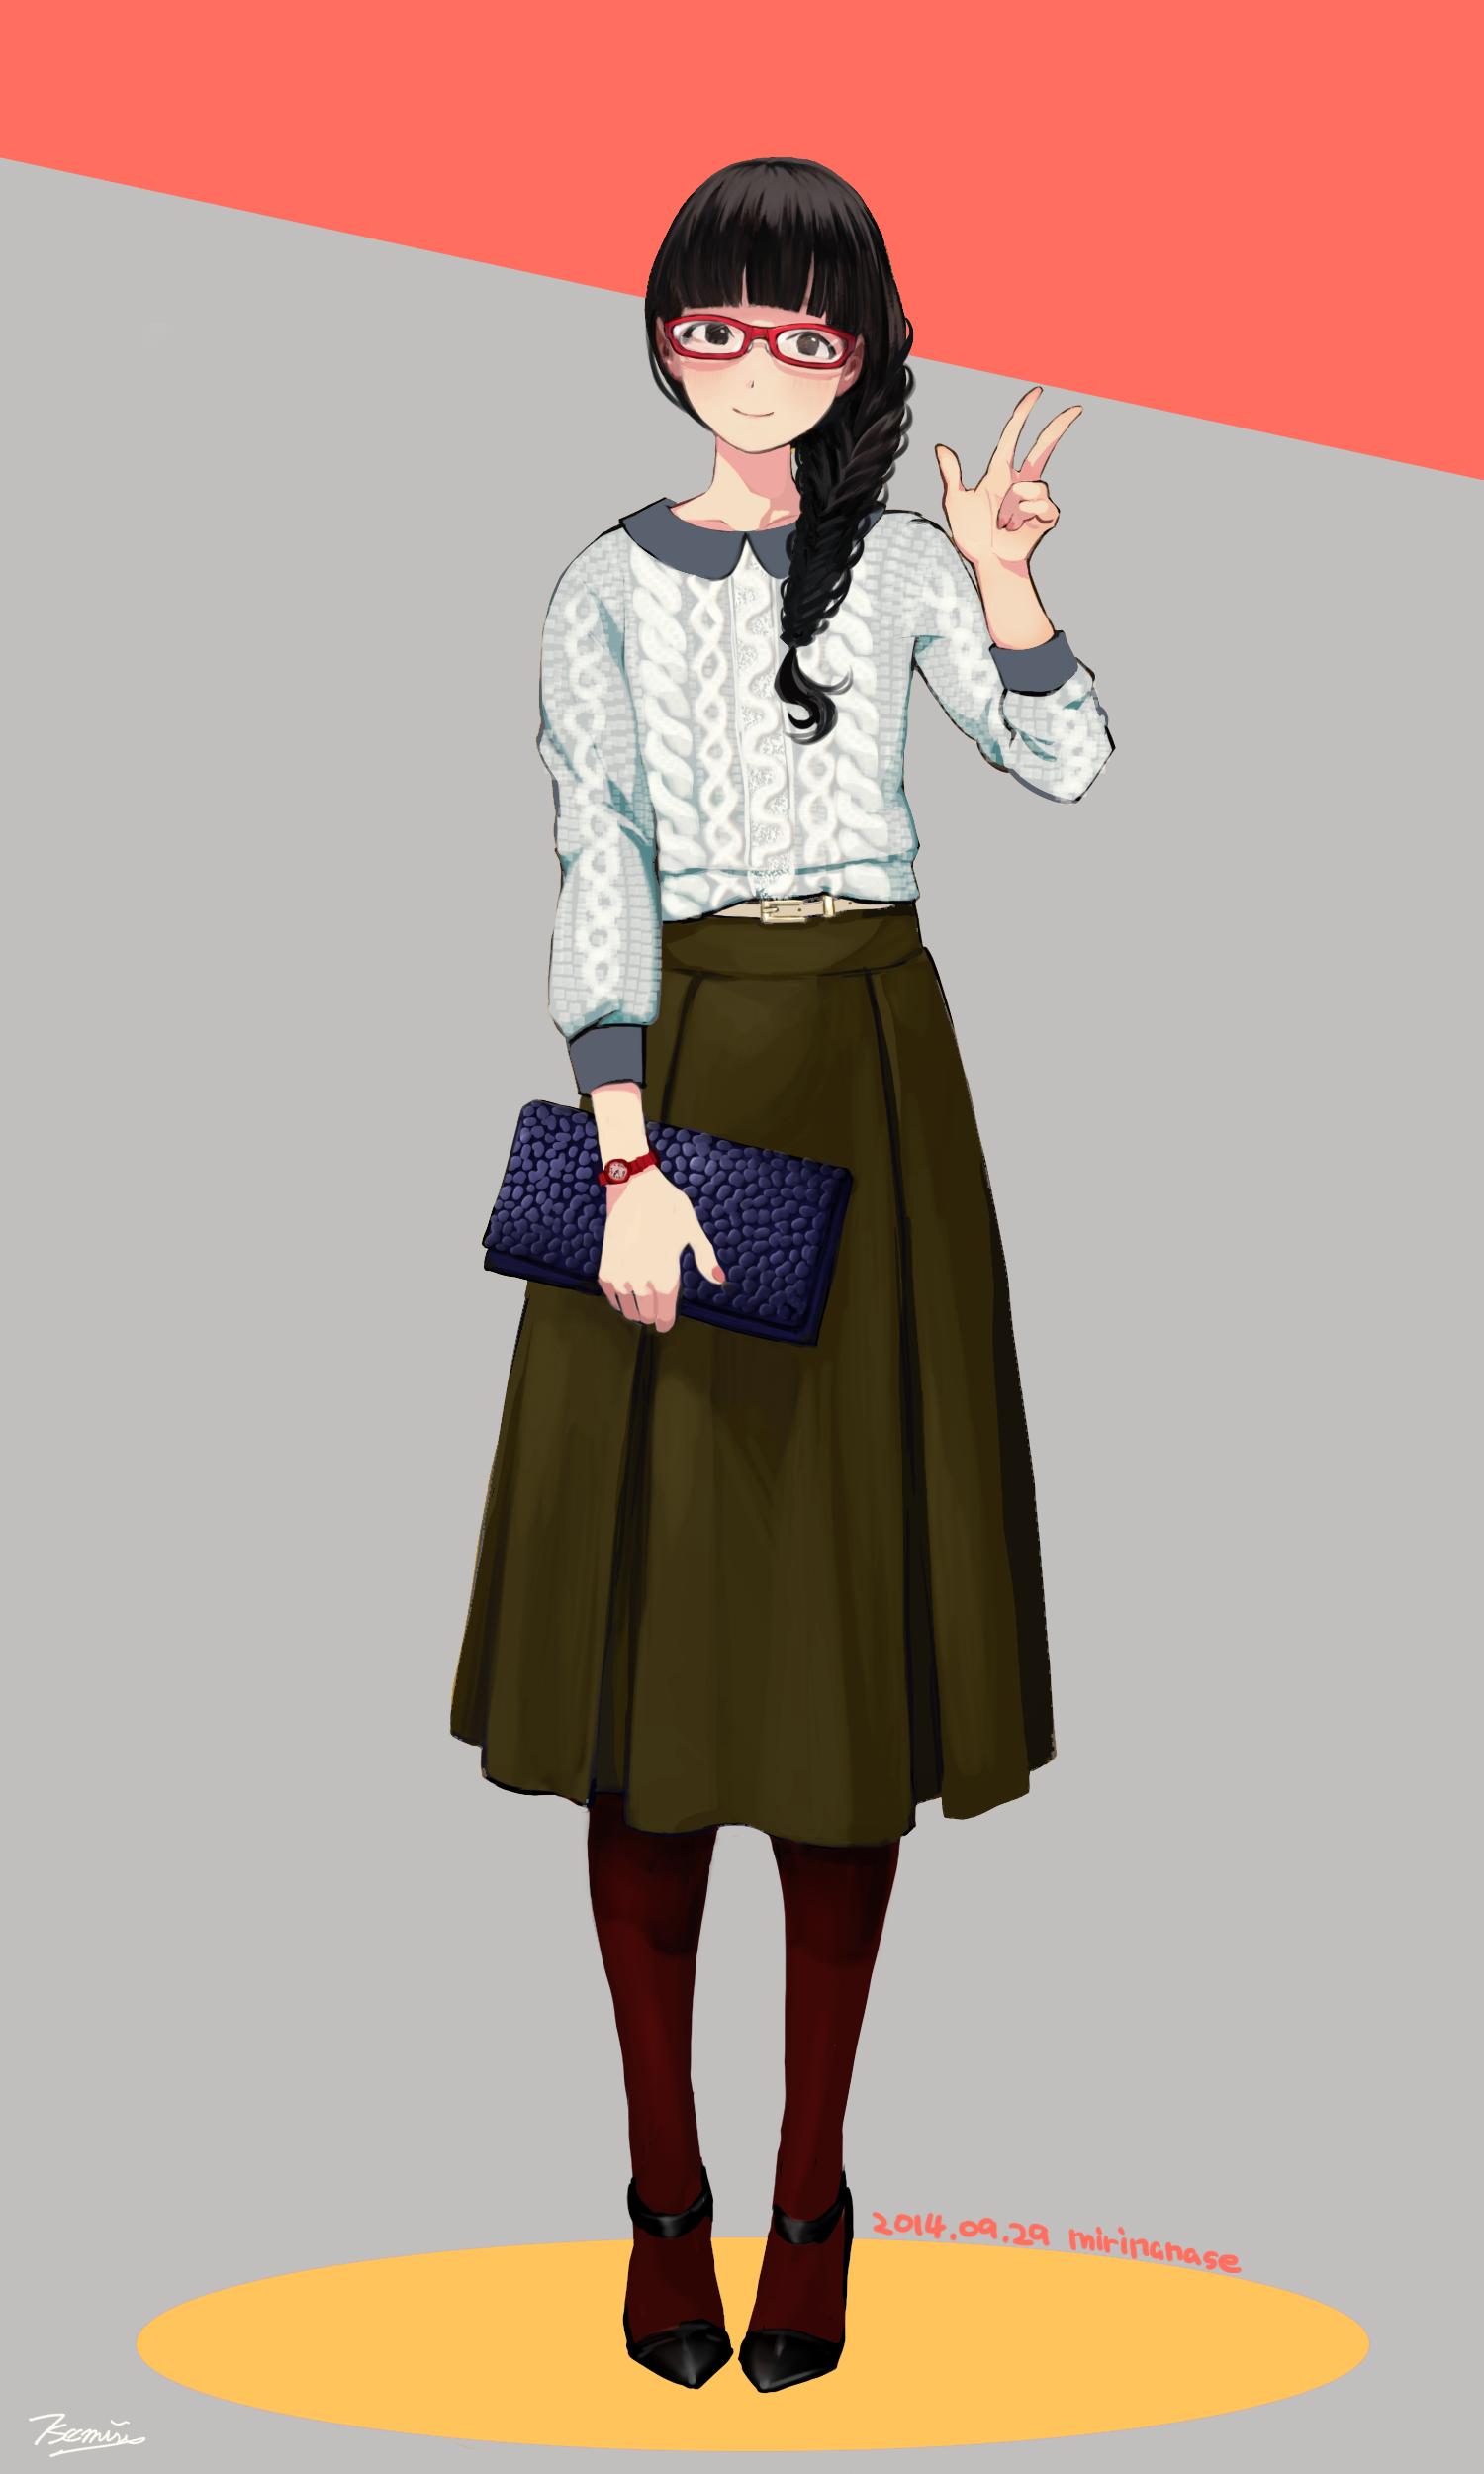 Bella 💝 さんのボード「Anime stuff」 アニメの服装, 女の子の絵, 美しいアニメガール